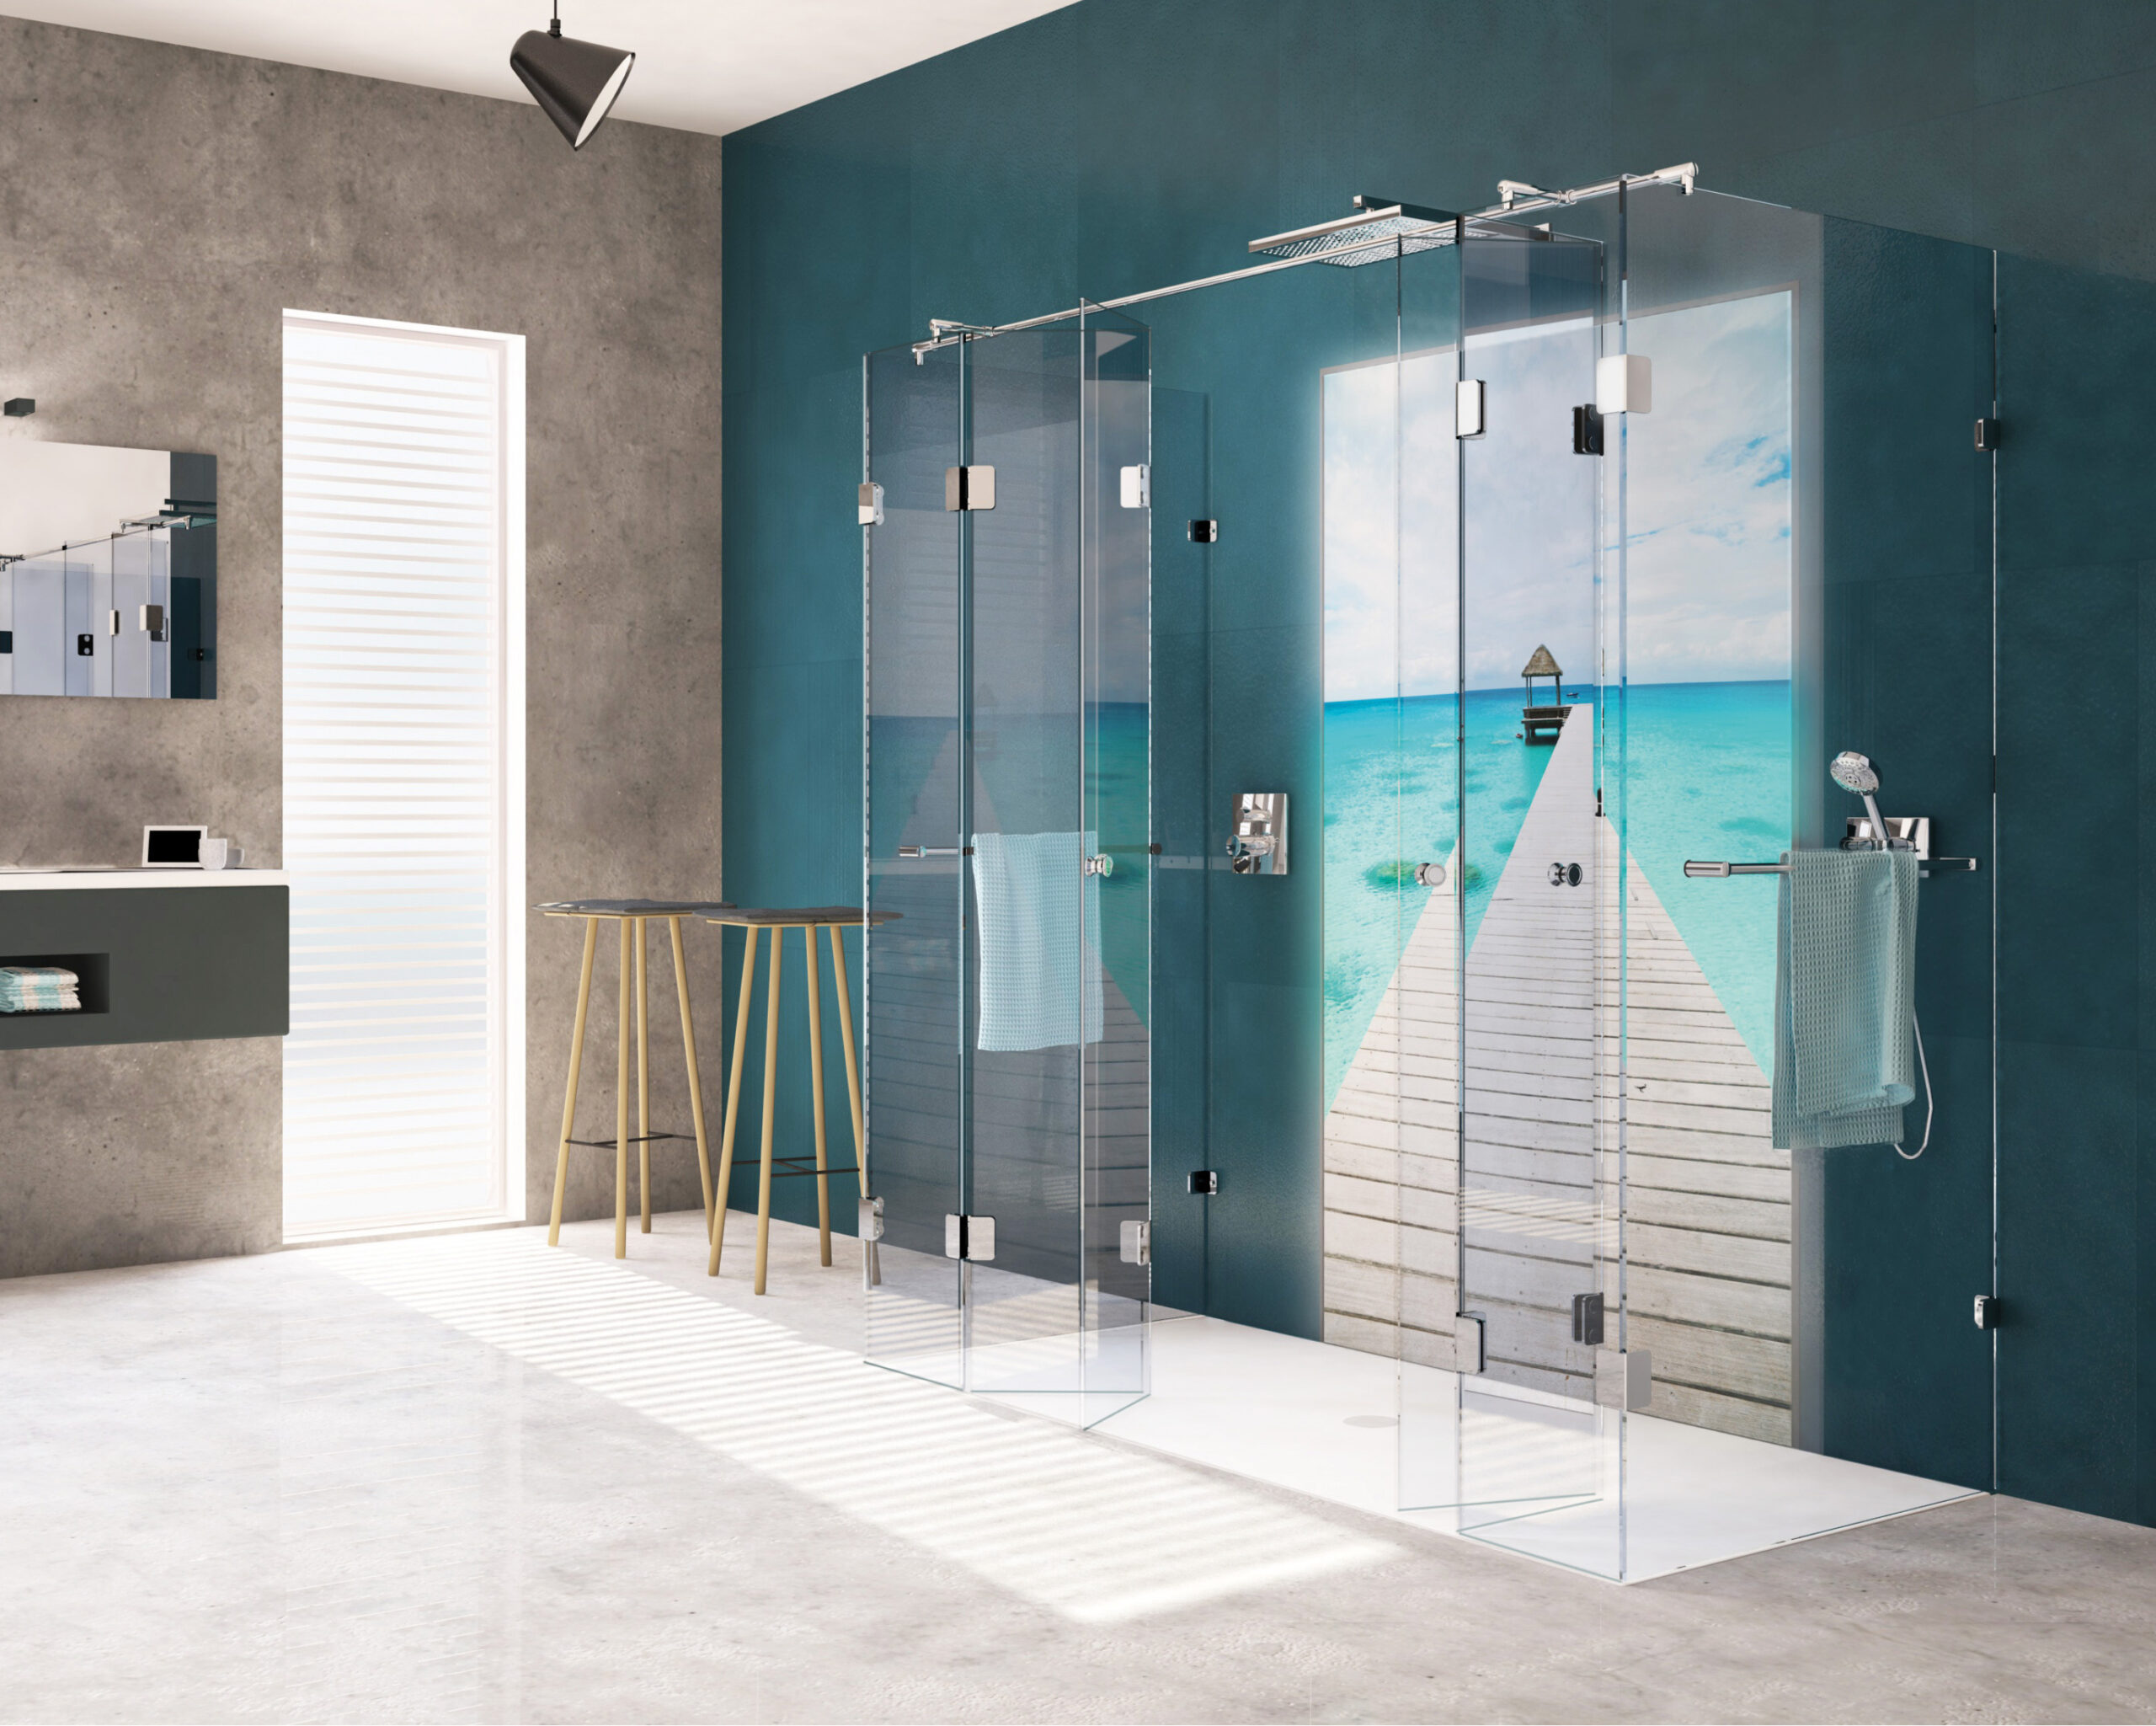 Full Size of Dusche Wand Badewannentausch Gegen Eine Hwz Lärmschutzwand Garten Kosten Koralle Begehbare Duschen Wohnzimmer Wohnwand Haltegriff Bodenebene Trennwand Dusche Dusche Wand